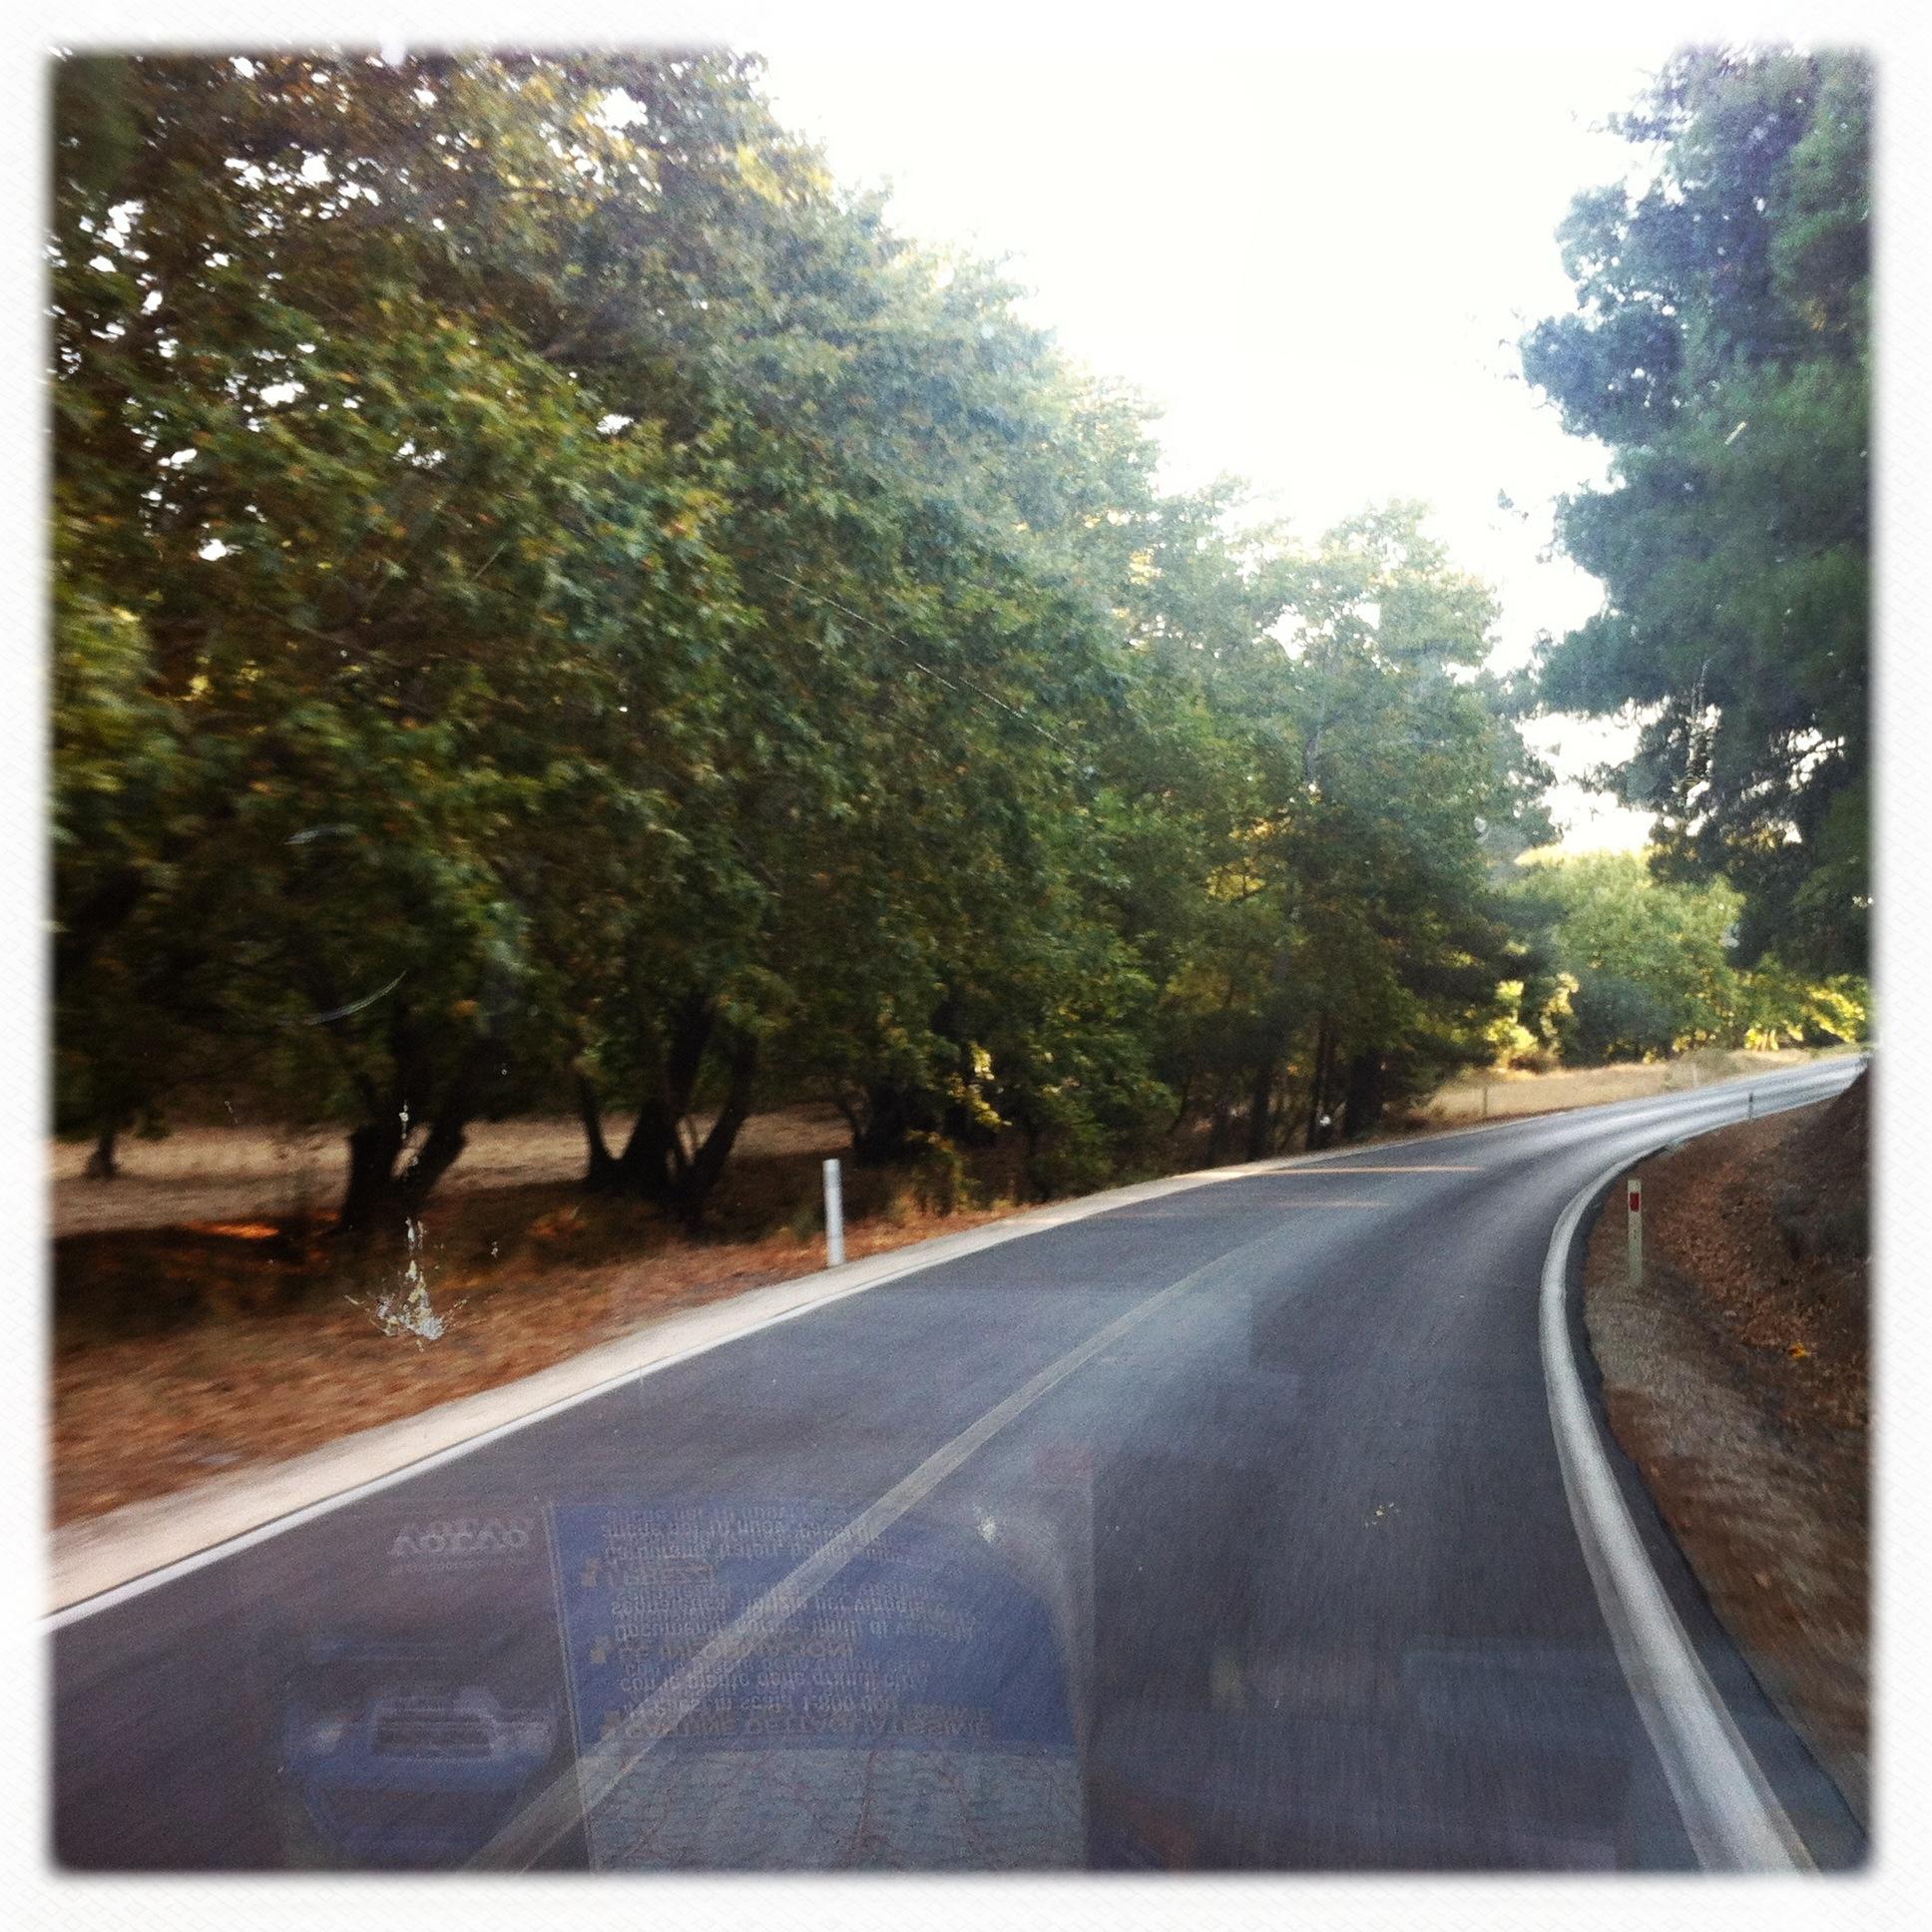 Tra i boschi della penisola di Gallipoli